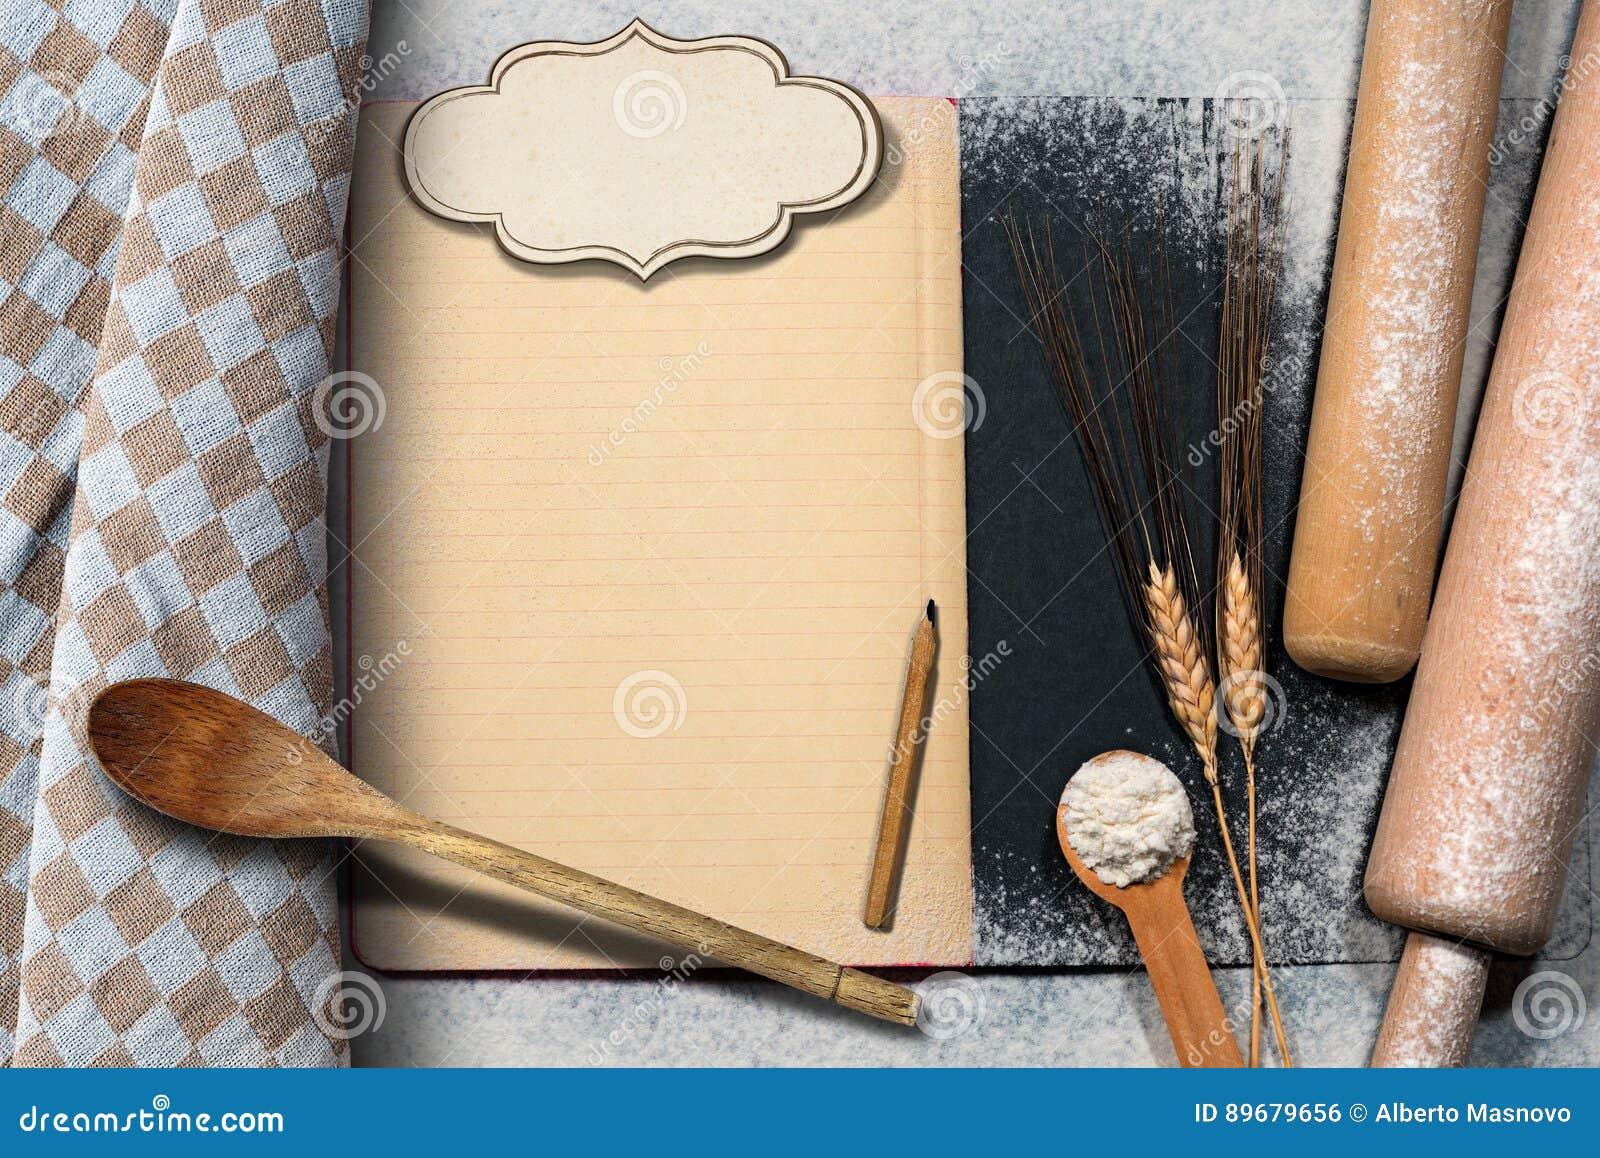 leeres rezept buch auf einem backen hintergrund stockfoto bild von liste leer 89679656. Black Bedroom Furniture Sets. Home Design Ideas